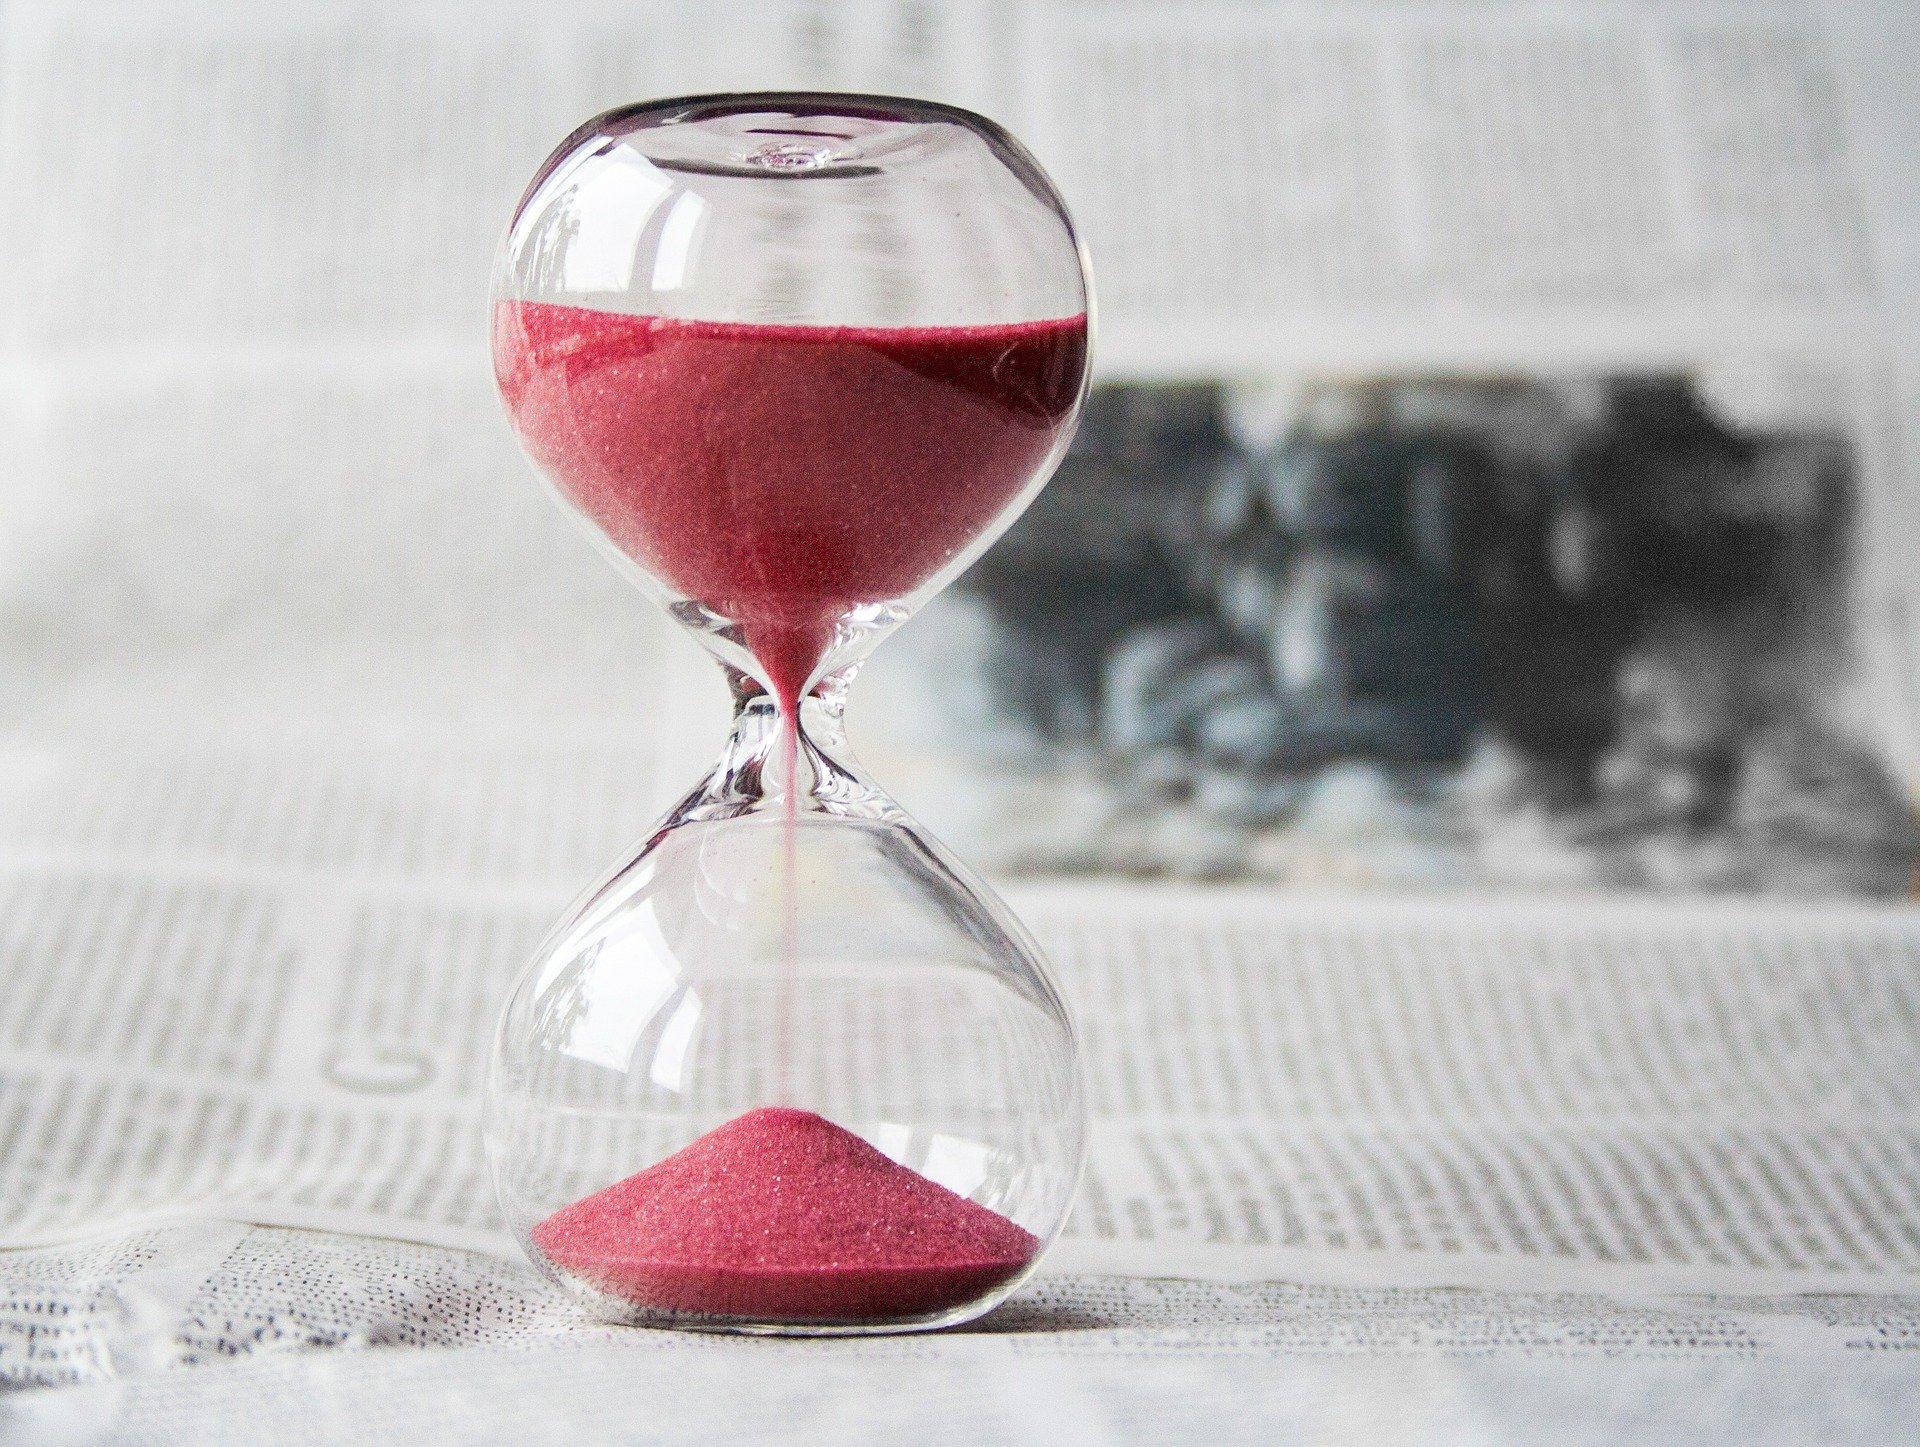 Строк подання тендерних пропозицій: чи потрібно розглядати документи, подані після його закінчення?